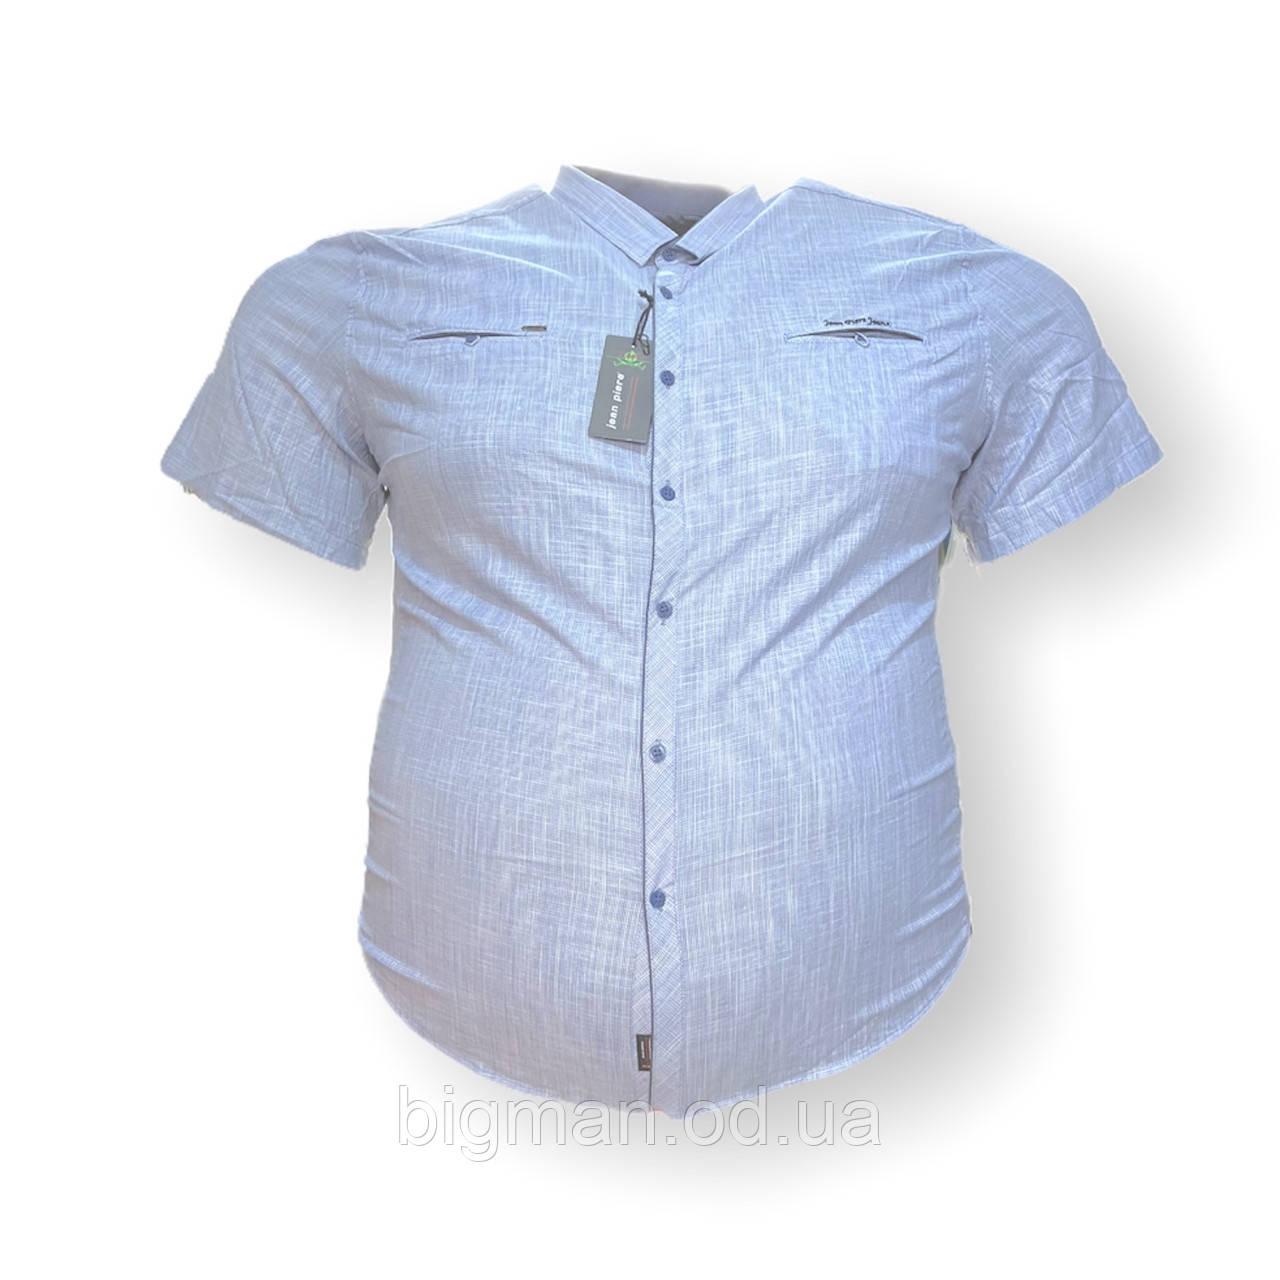 Чоловіча сорочка з коротким рукавом Jean Piere 16077 6XL 7XL 8XL блакитна великі розміри батал Туреччина